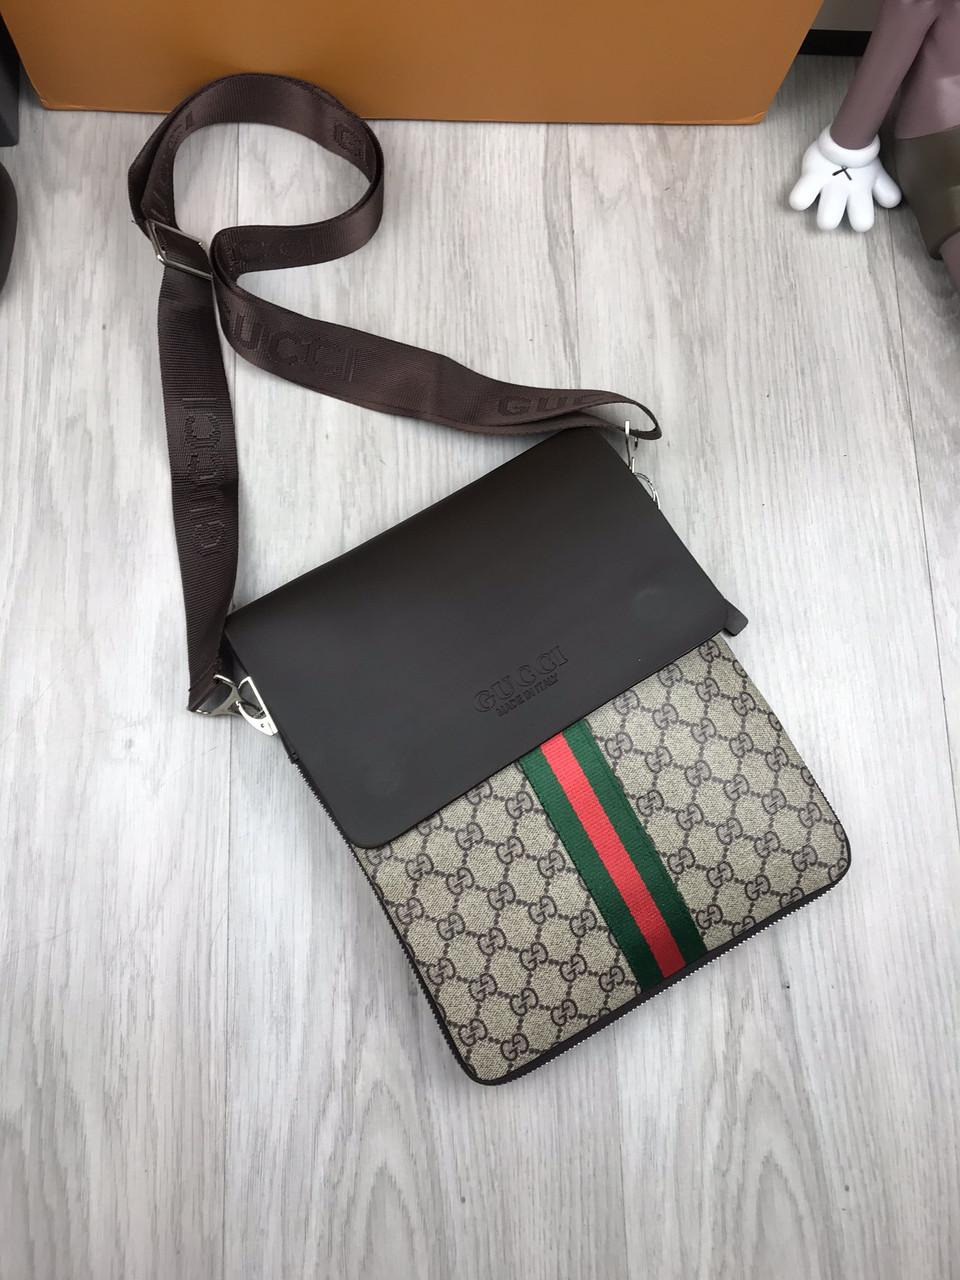 22873ebe4c4d Сумка мужская через плечо планшетка брендовая Gucci коричневая копия  высокого качества - AMARKET - Интернет-